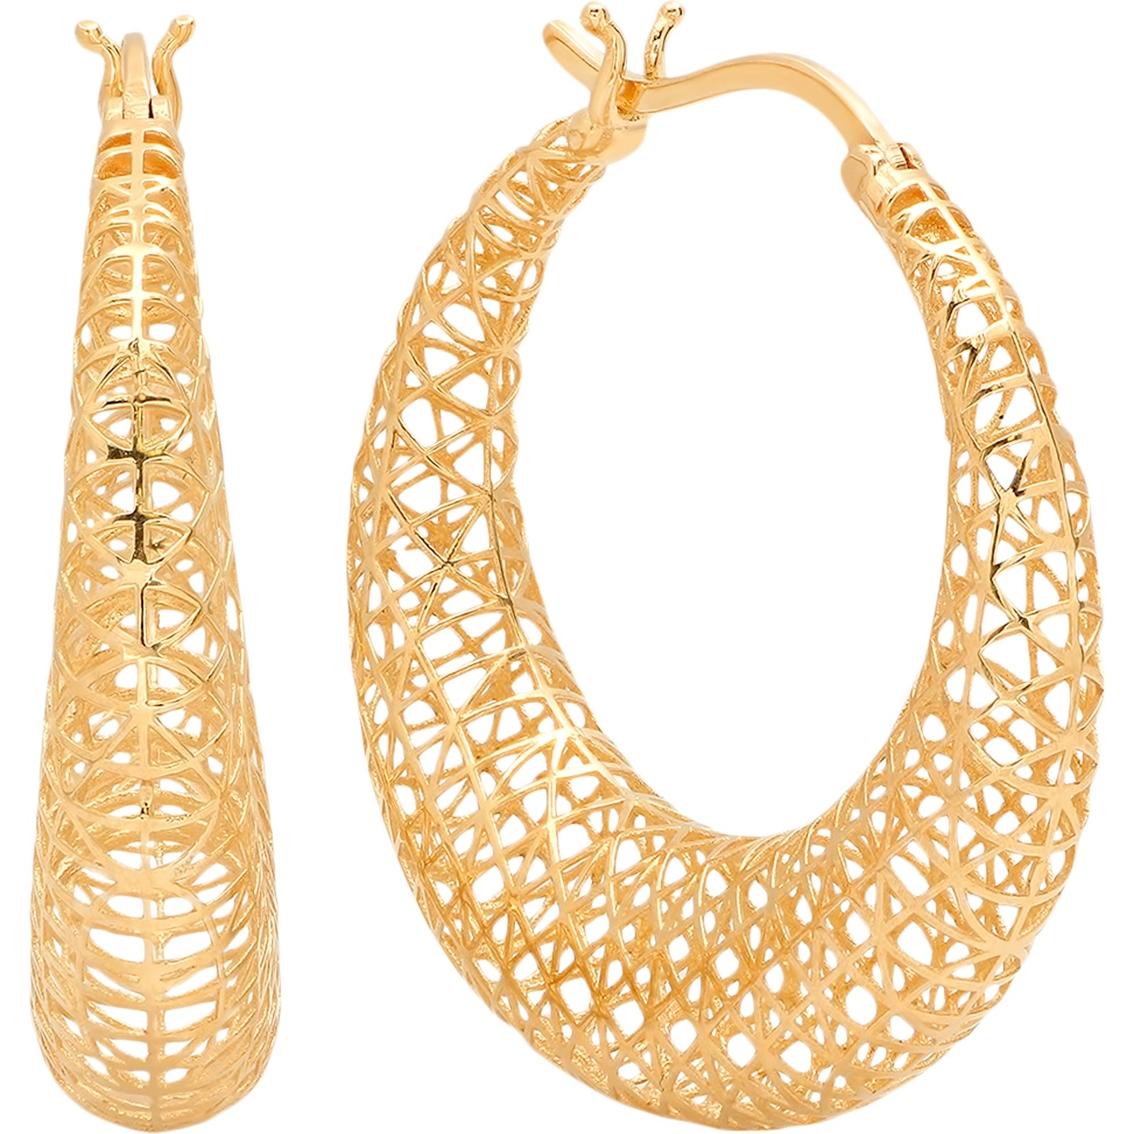 Real 14kt Yellow Gold Mesh Hoop Earrings